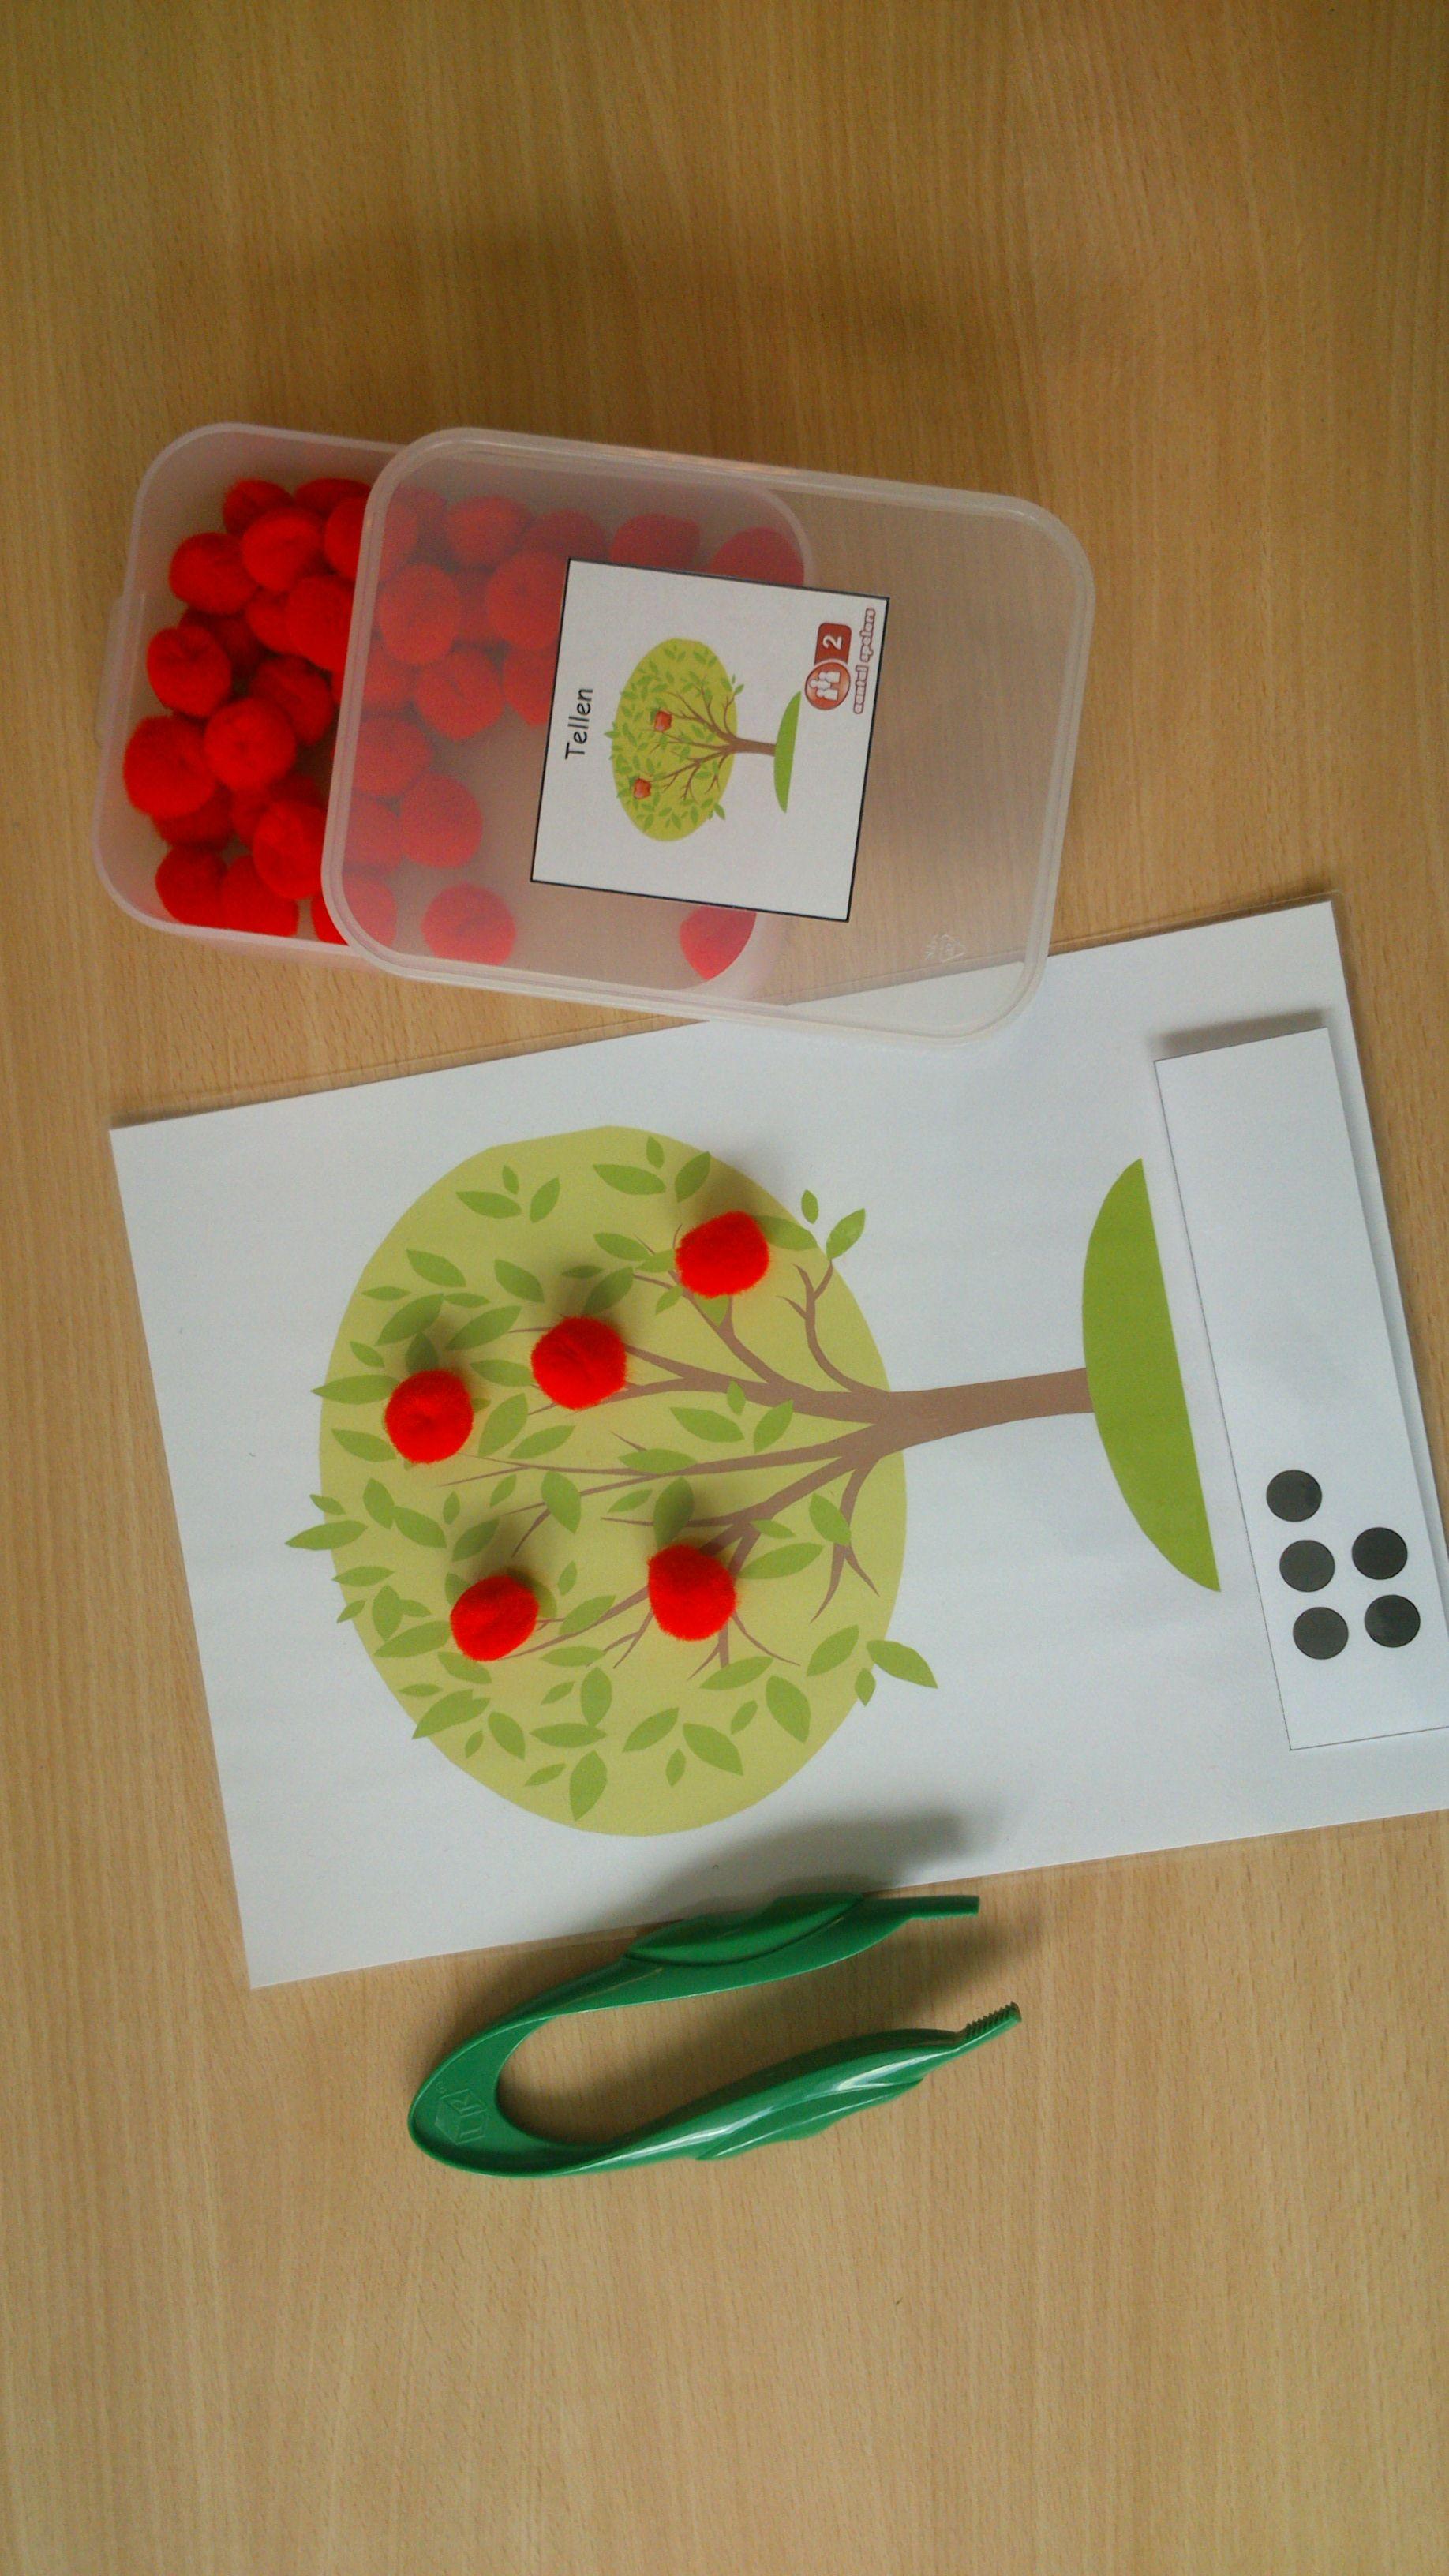 Begeleide of zelfstandige activiteit - Tel en hang de juiste hoeveelheid appels in de boom